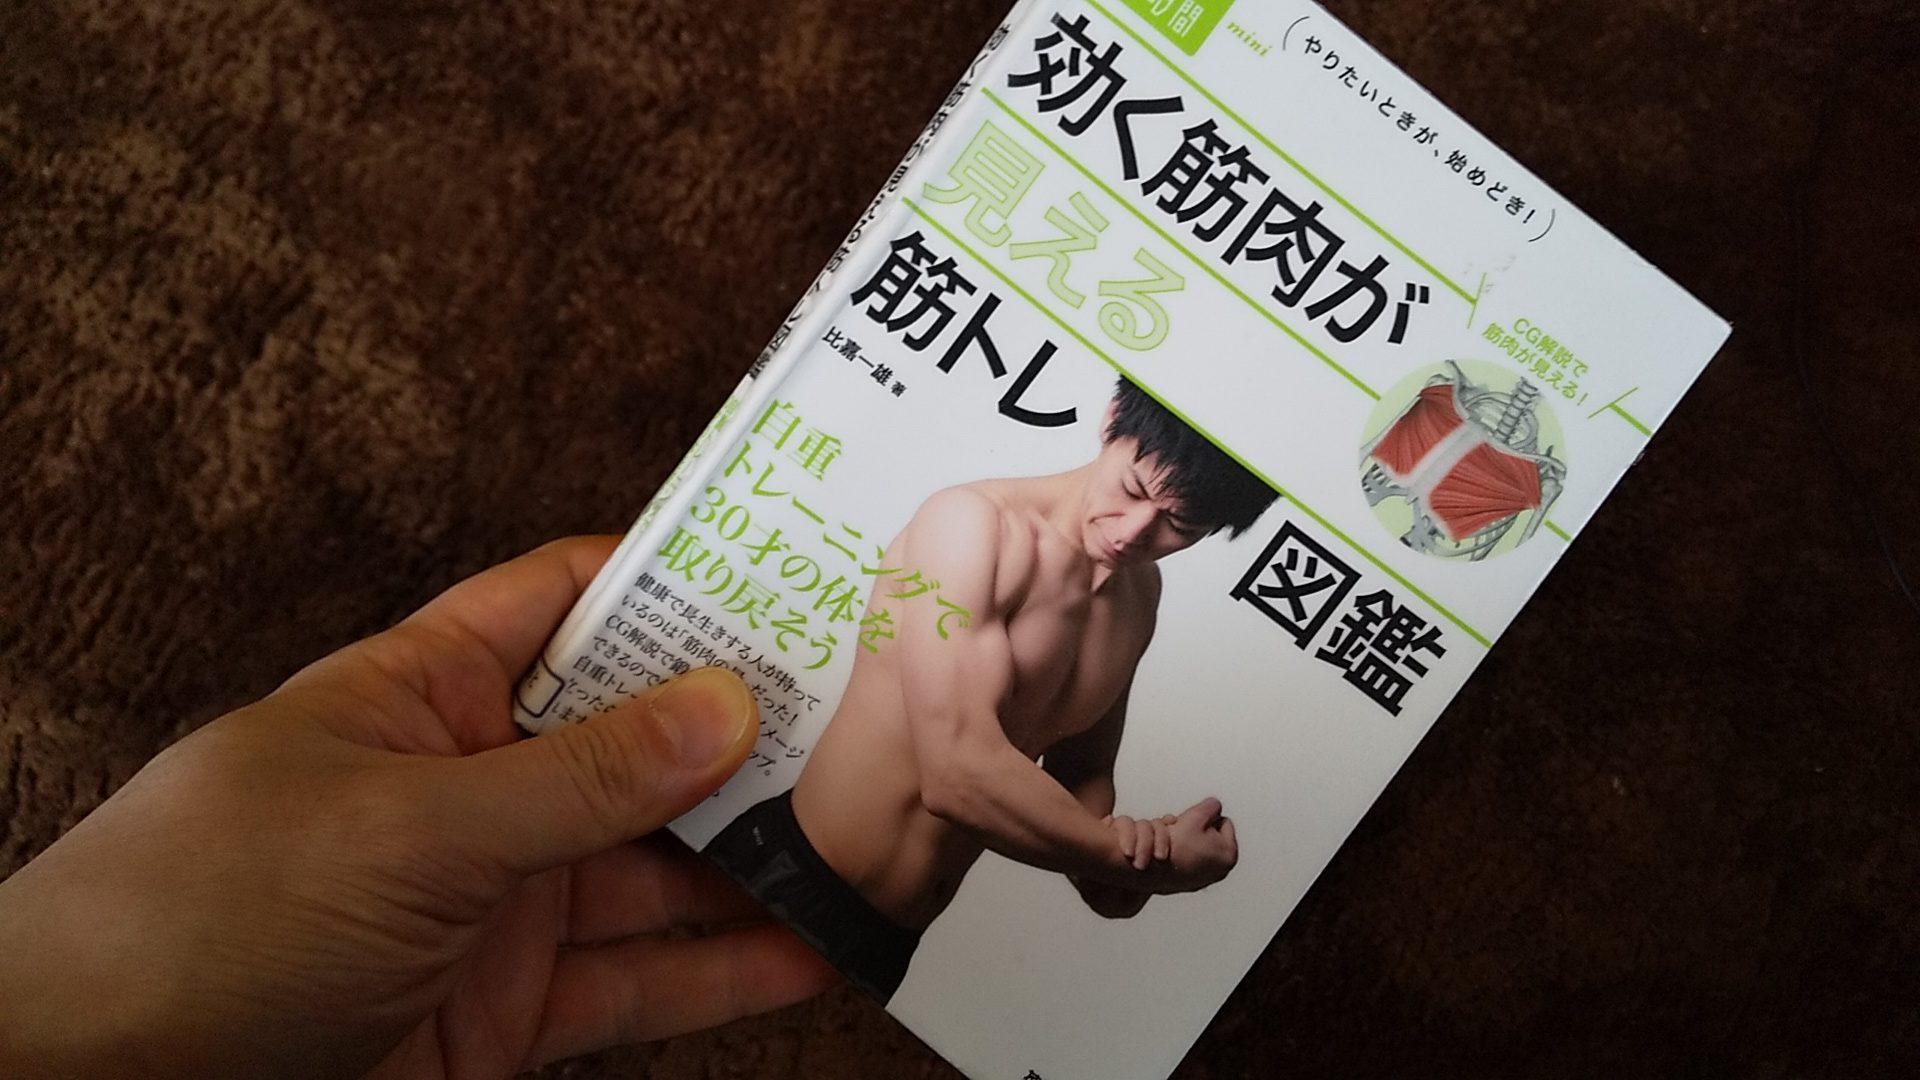 効く筋肉が見える 筋トレ図鑑 ~自重トレーニングで30才の体を取り戻そう